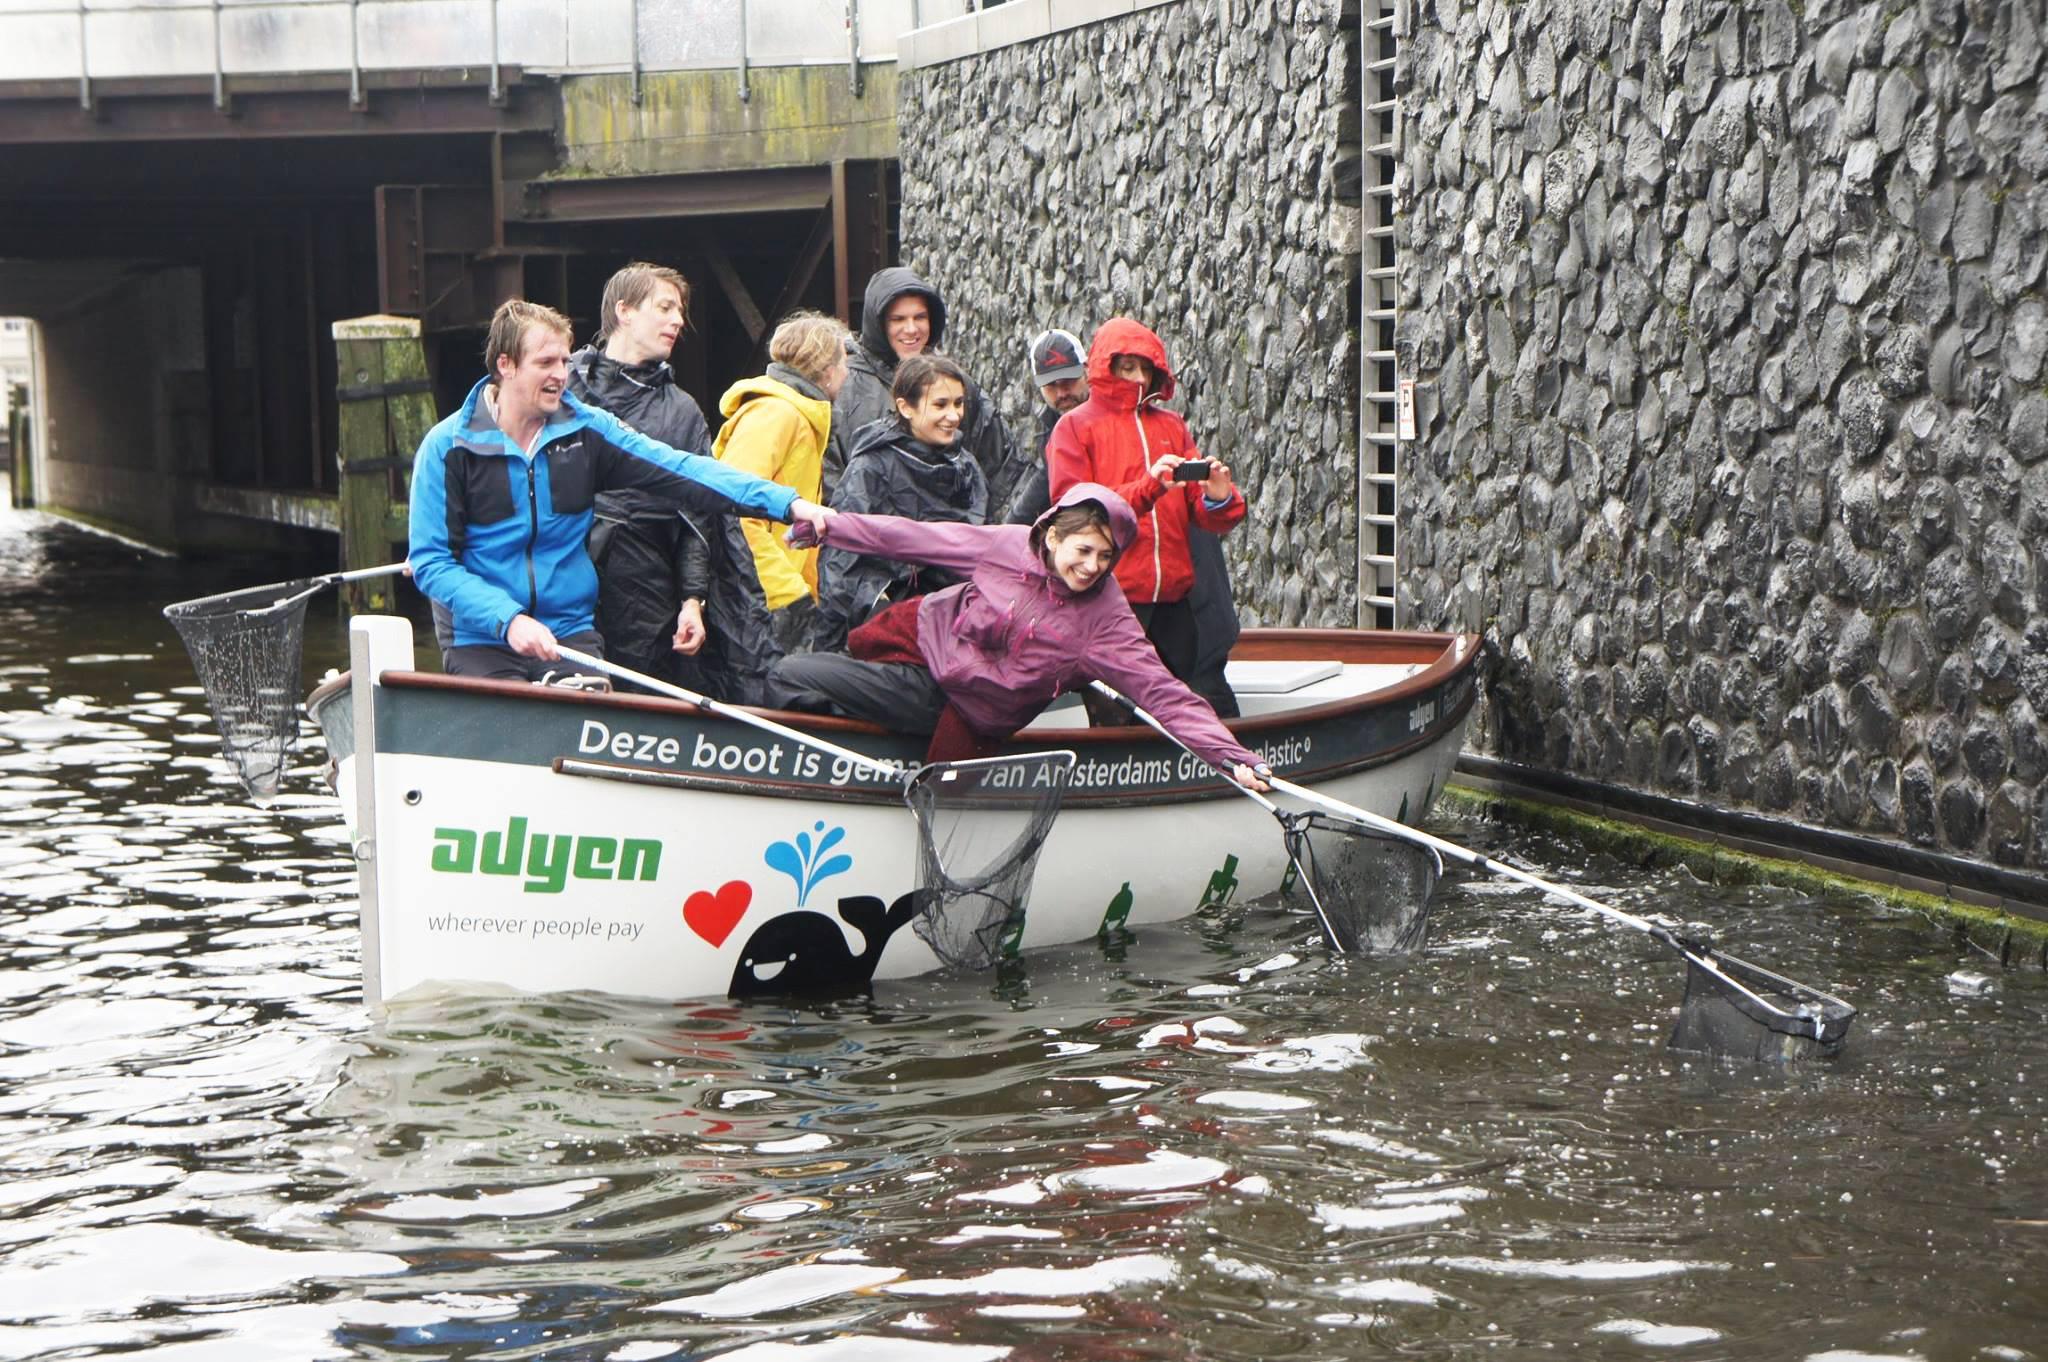 Plastic Whale - Amsterdam met les touristes au travail pour nettoyer ses canaux